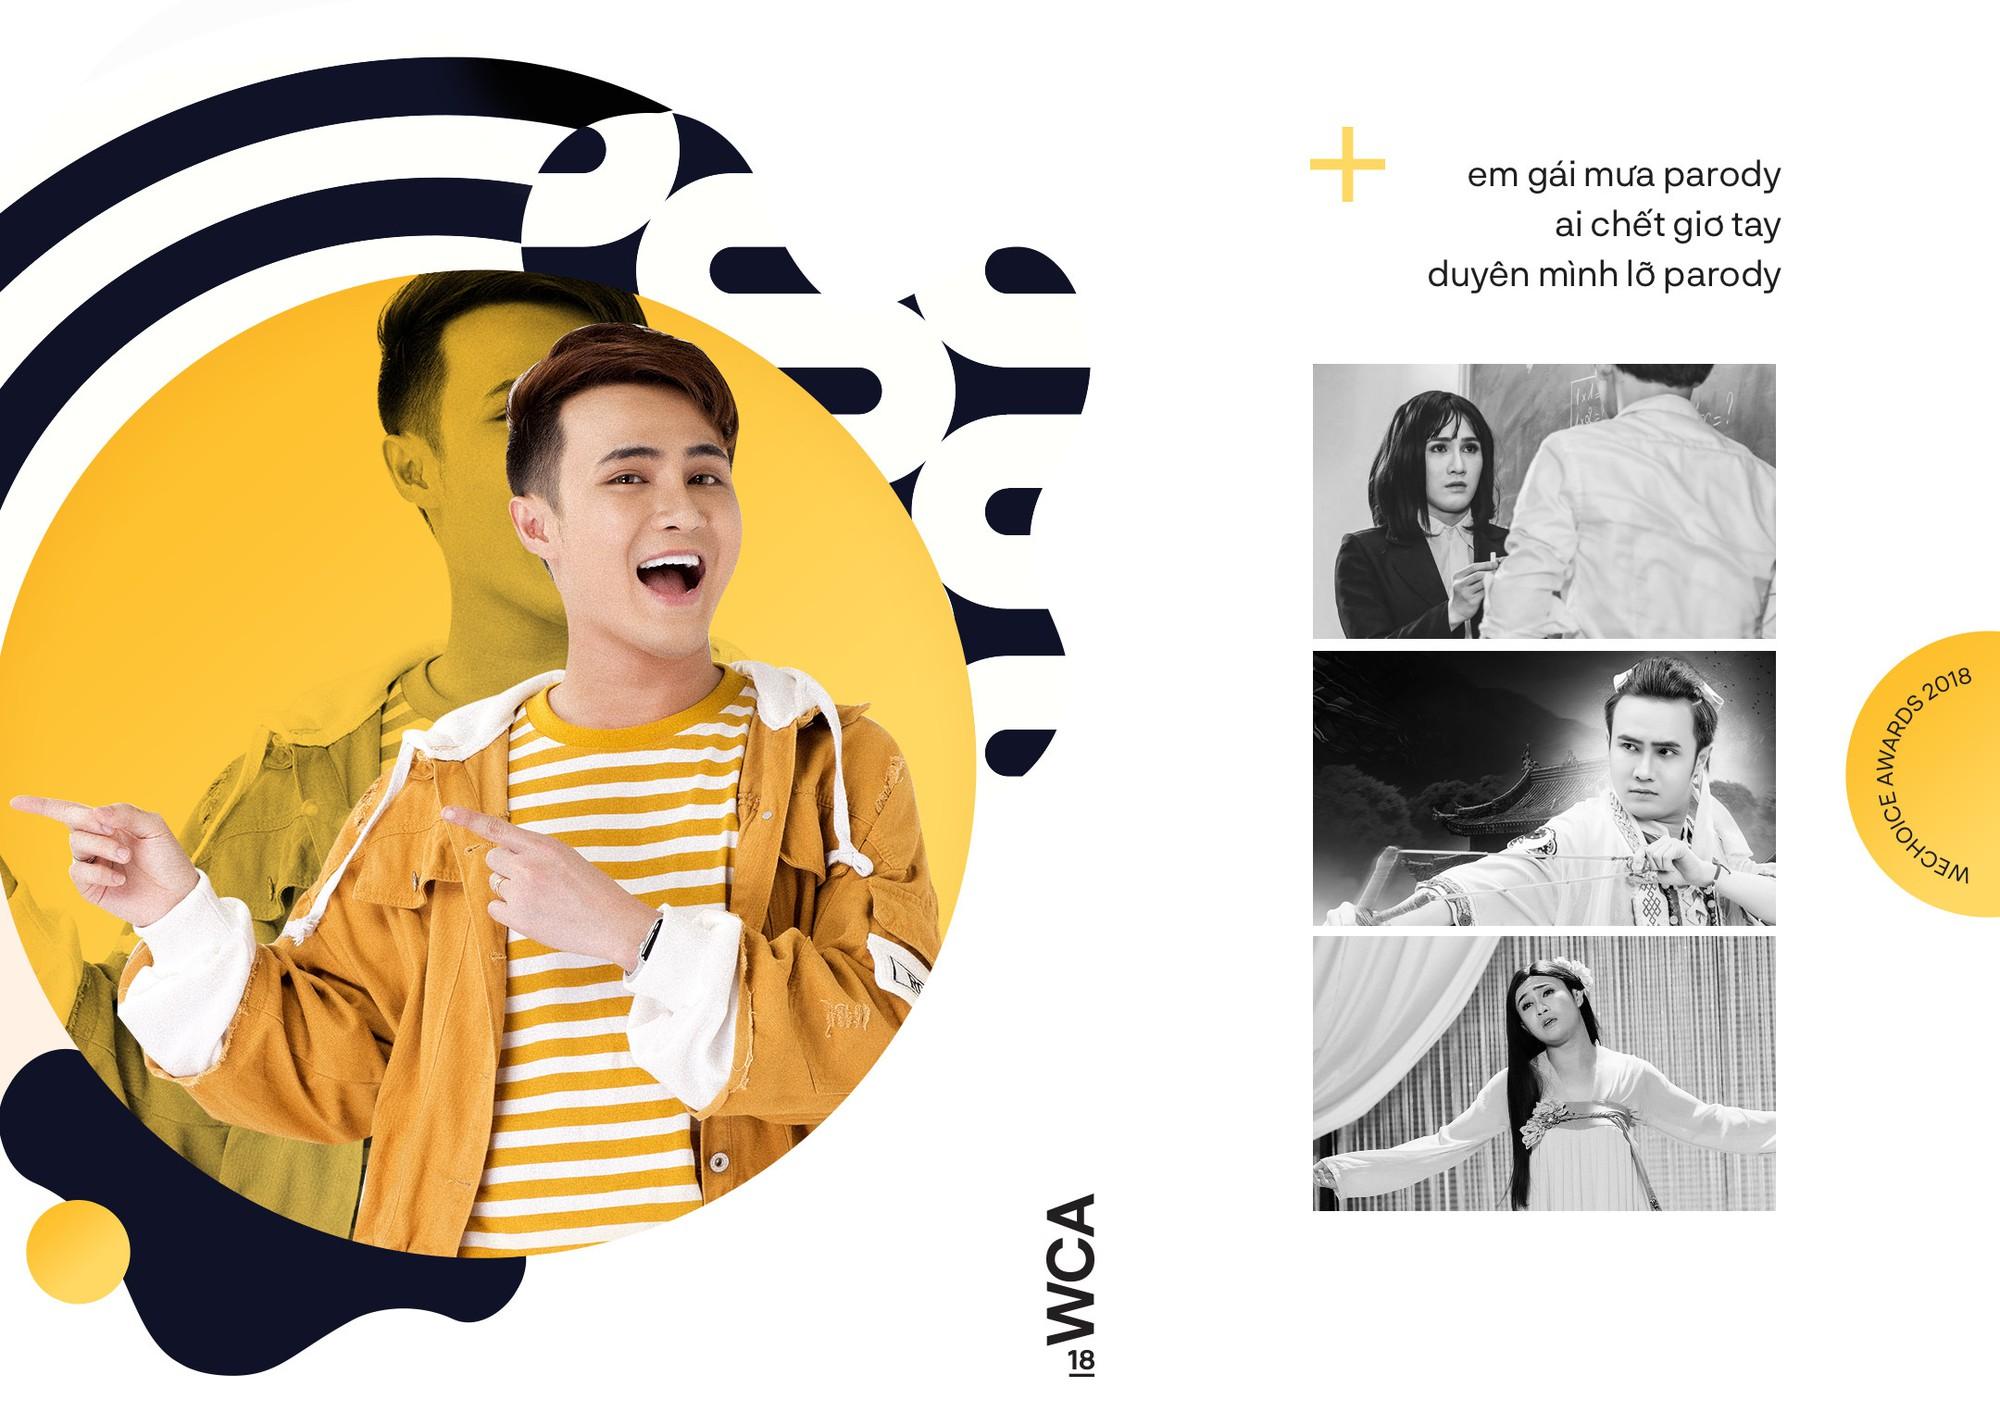 """Huỳnh Lập - 25 tuổi, từ kẻ tay trắng đến nghệ sĩ triệu view: """"Làm phim, thà làm dở chứ không làm ẩu"""" - Ảnh 14."""